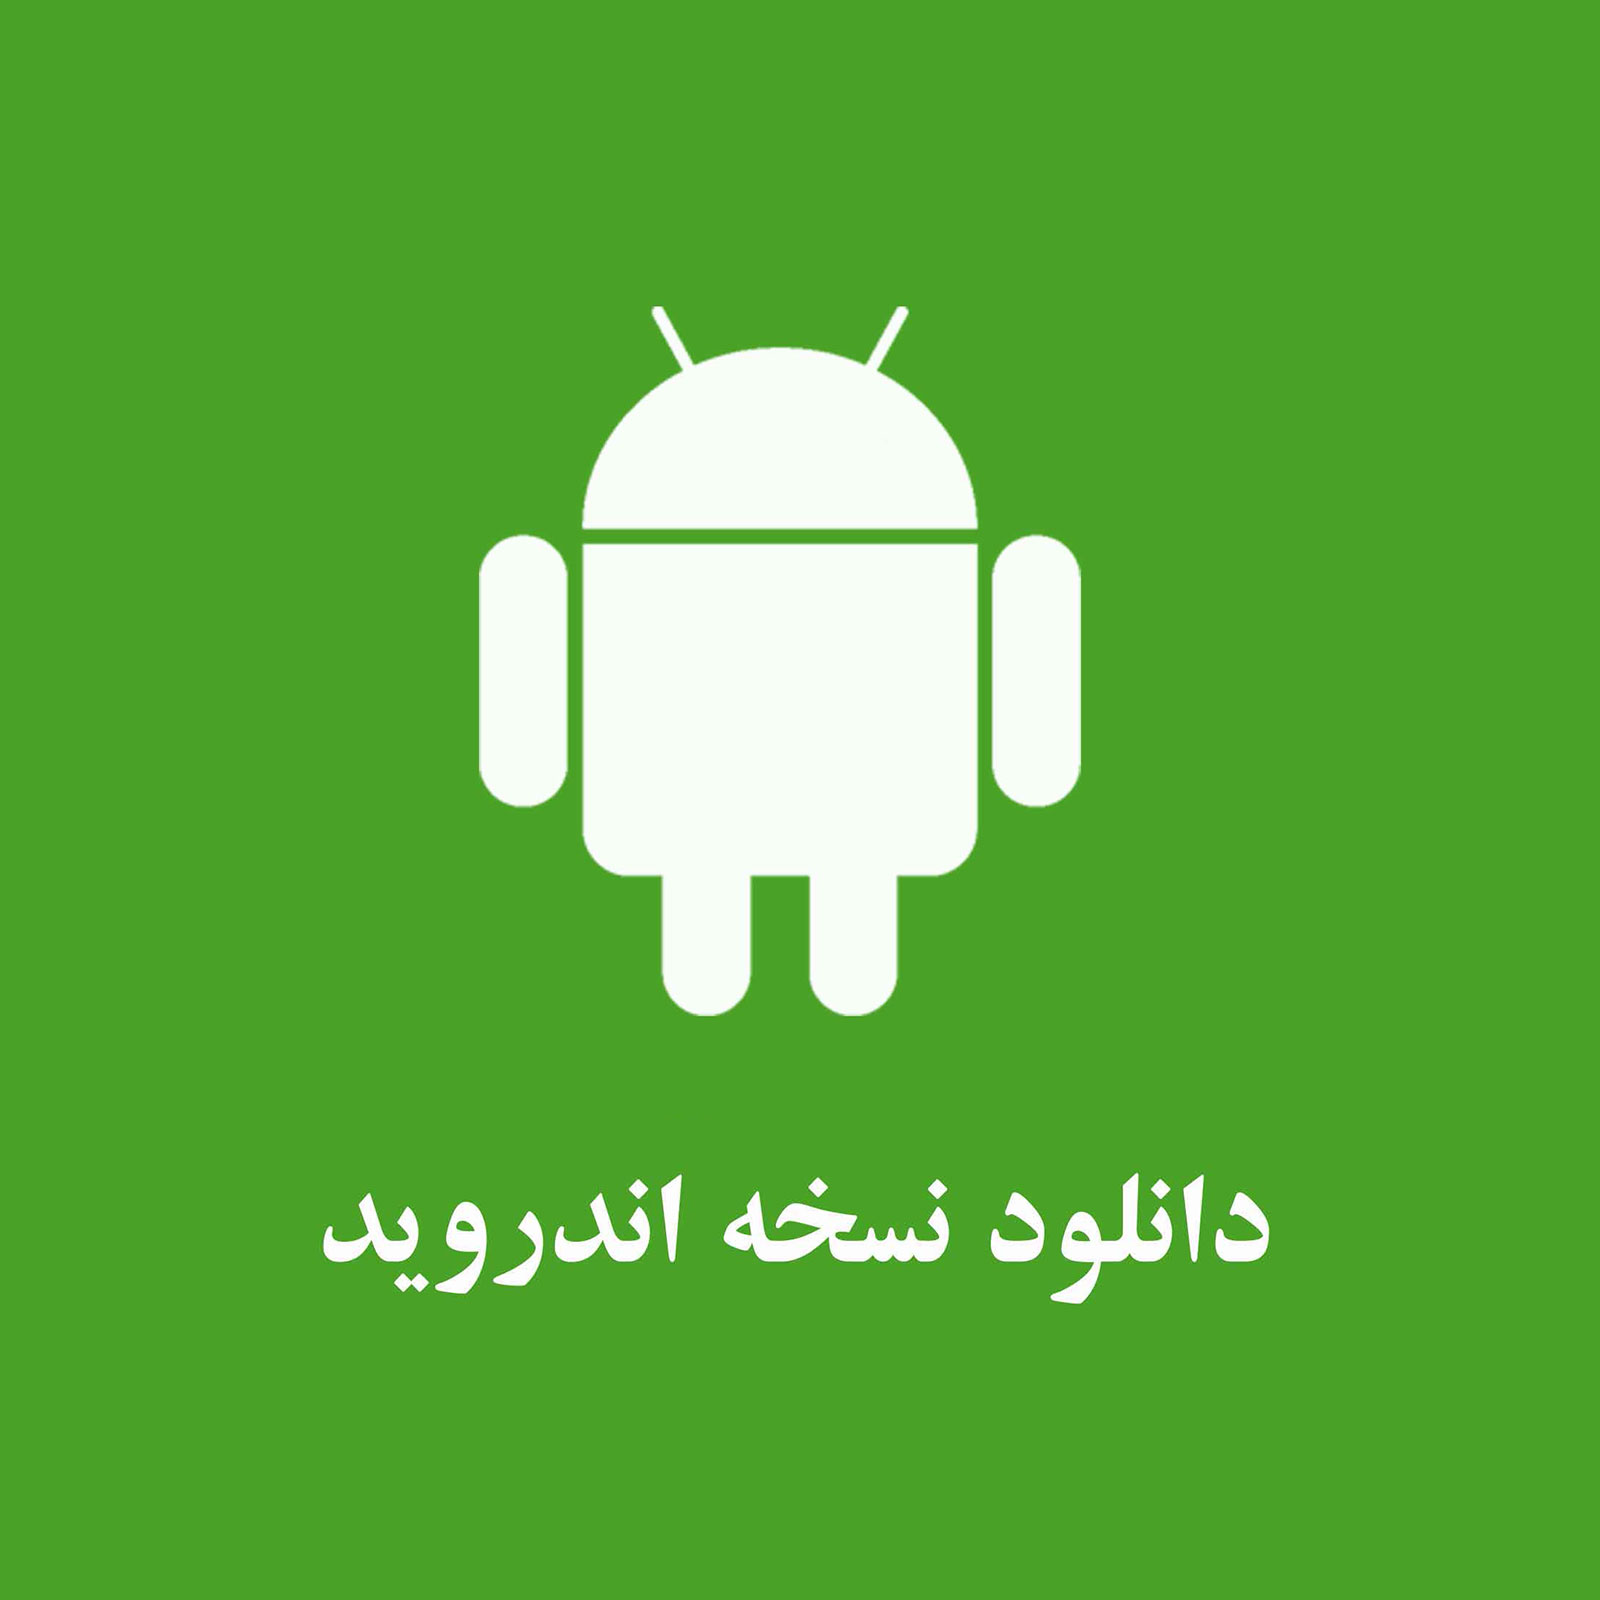 دانلود نسخه اندروید فندک مارکت -fandak market android - فروشگاه اینترنتی فندک مارکت